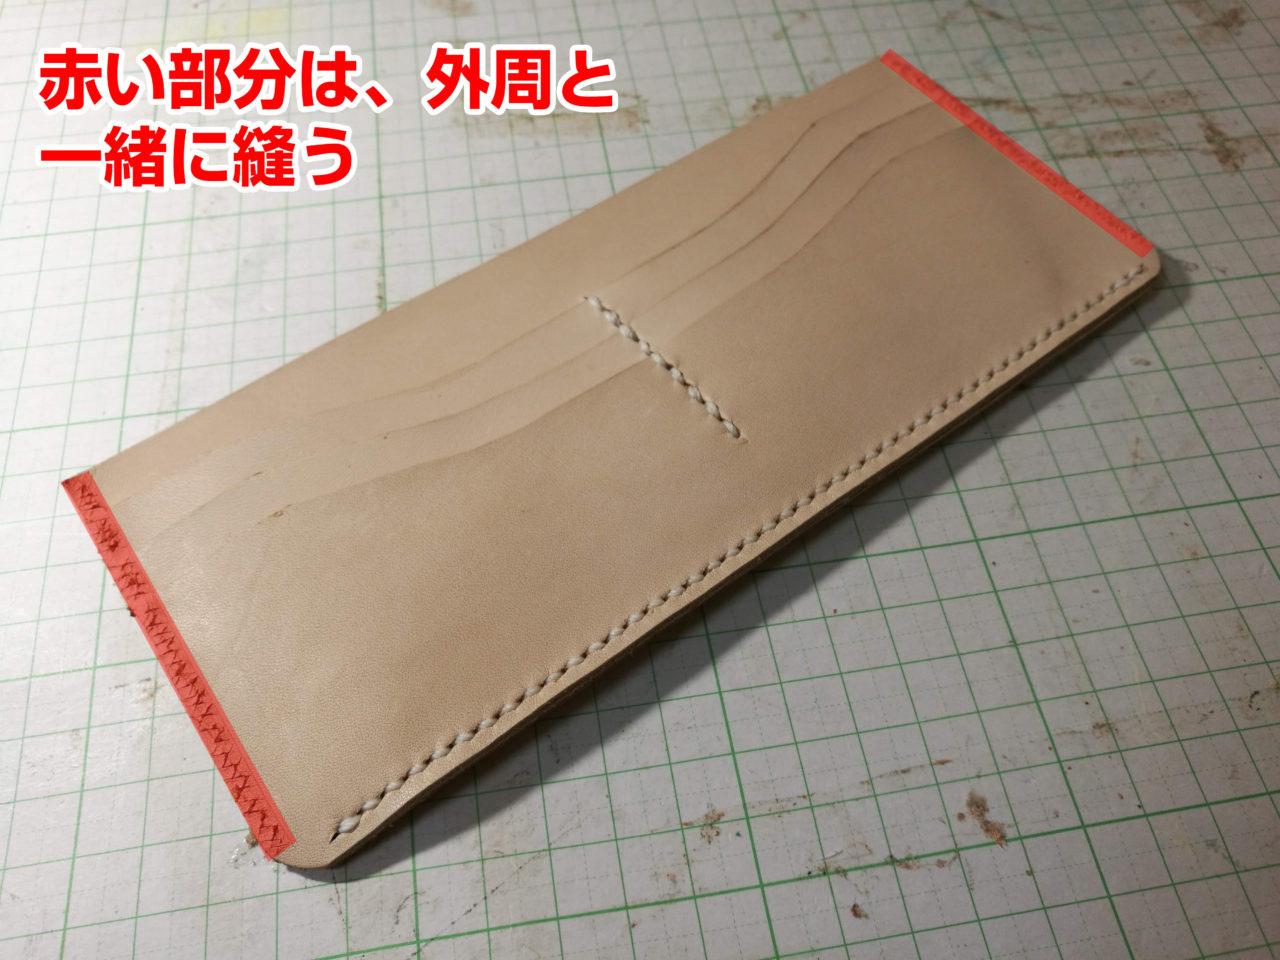 カードケースの縫い方2